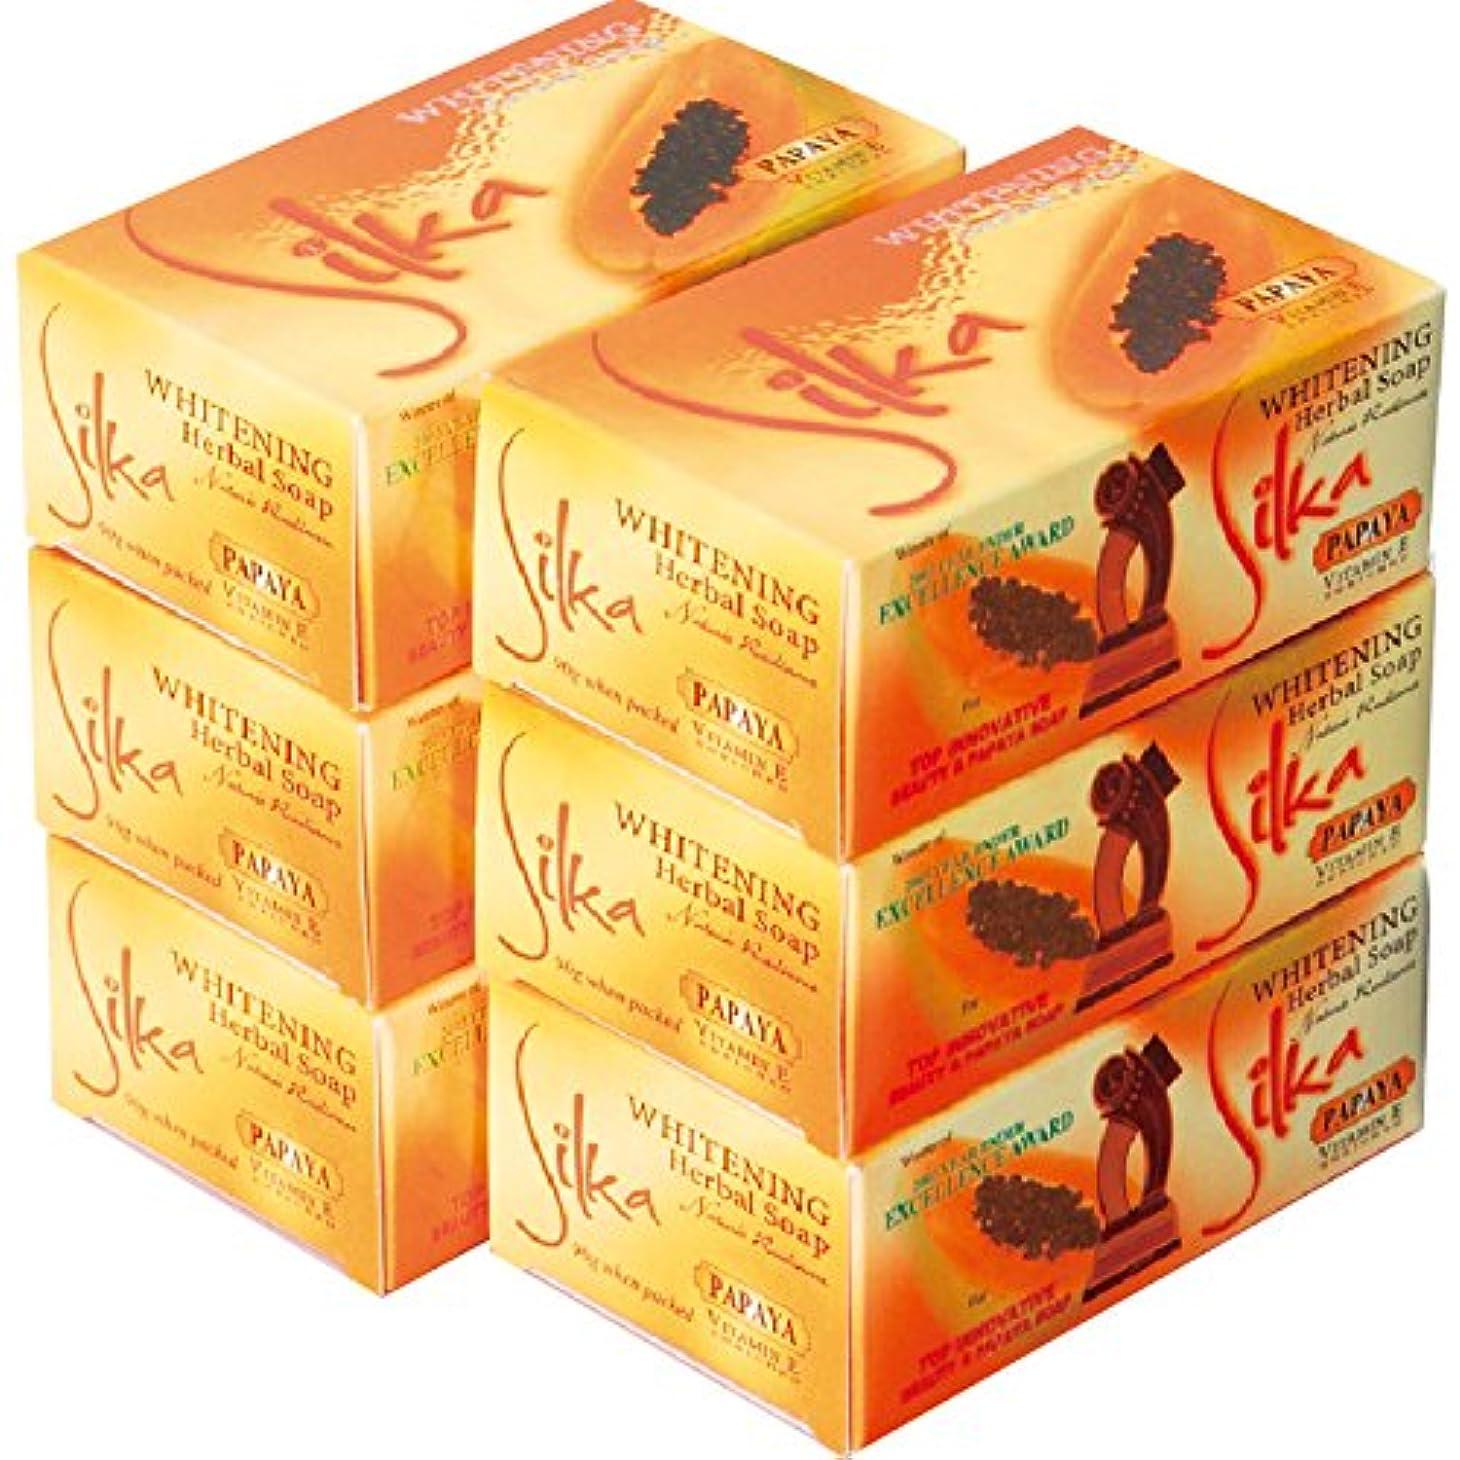 裏切り者ブースト洗うフィリピン 土産 シルカ パパイヤ石けん 6コセット (海外旅行 フィリピン お土産)